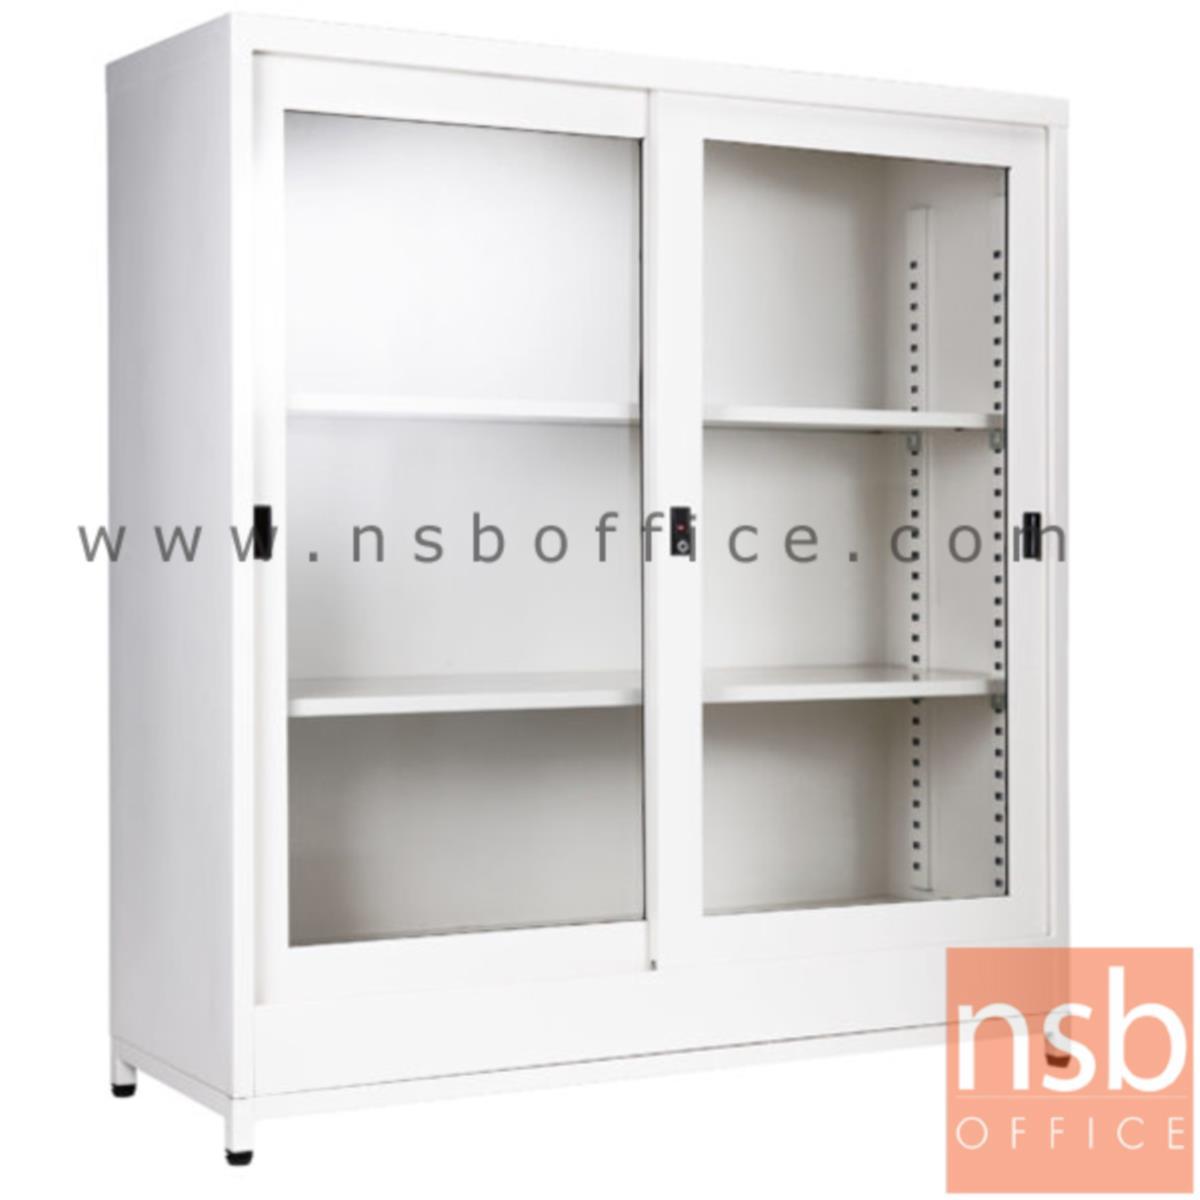 ตู้บานเลื่อนกระจก 4 ฟุต สูงพิเศษ 122H cm (พร้อมฐานรองแบบขาลอย)  SGD-120